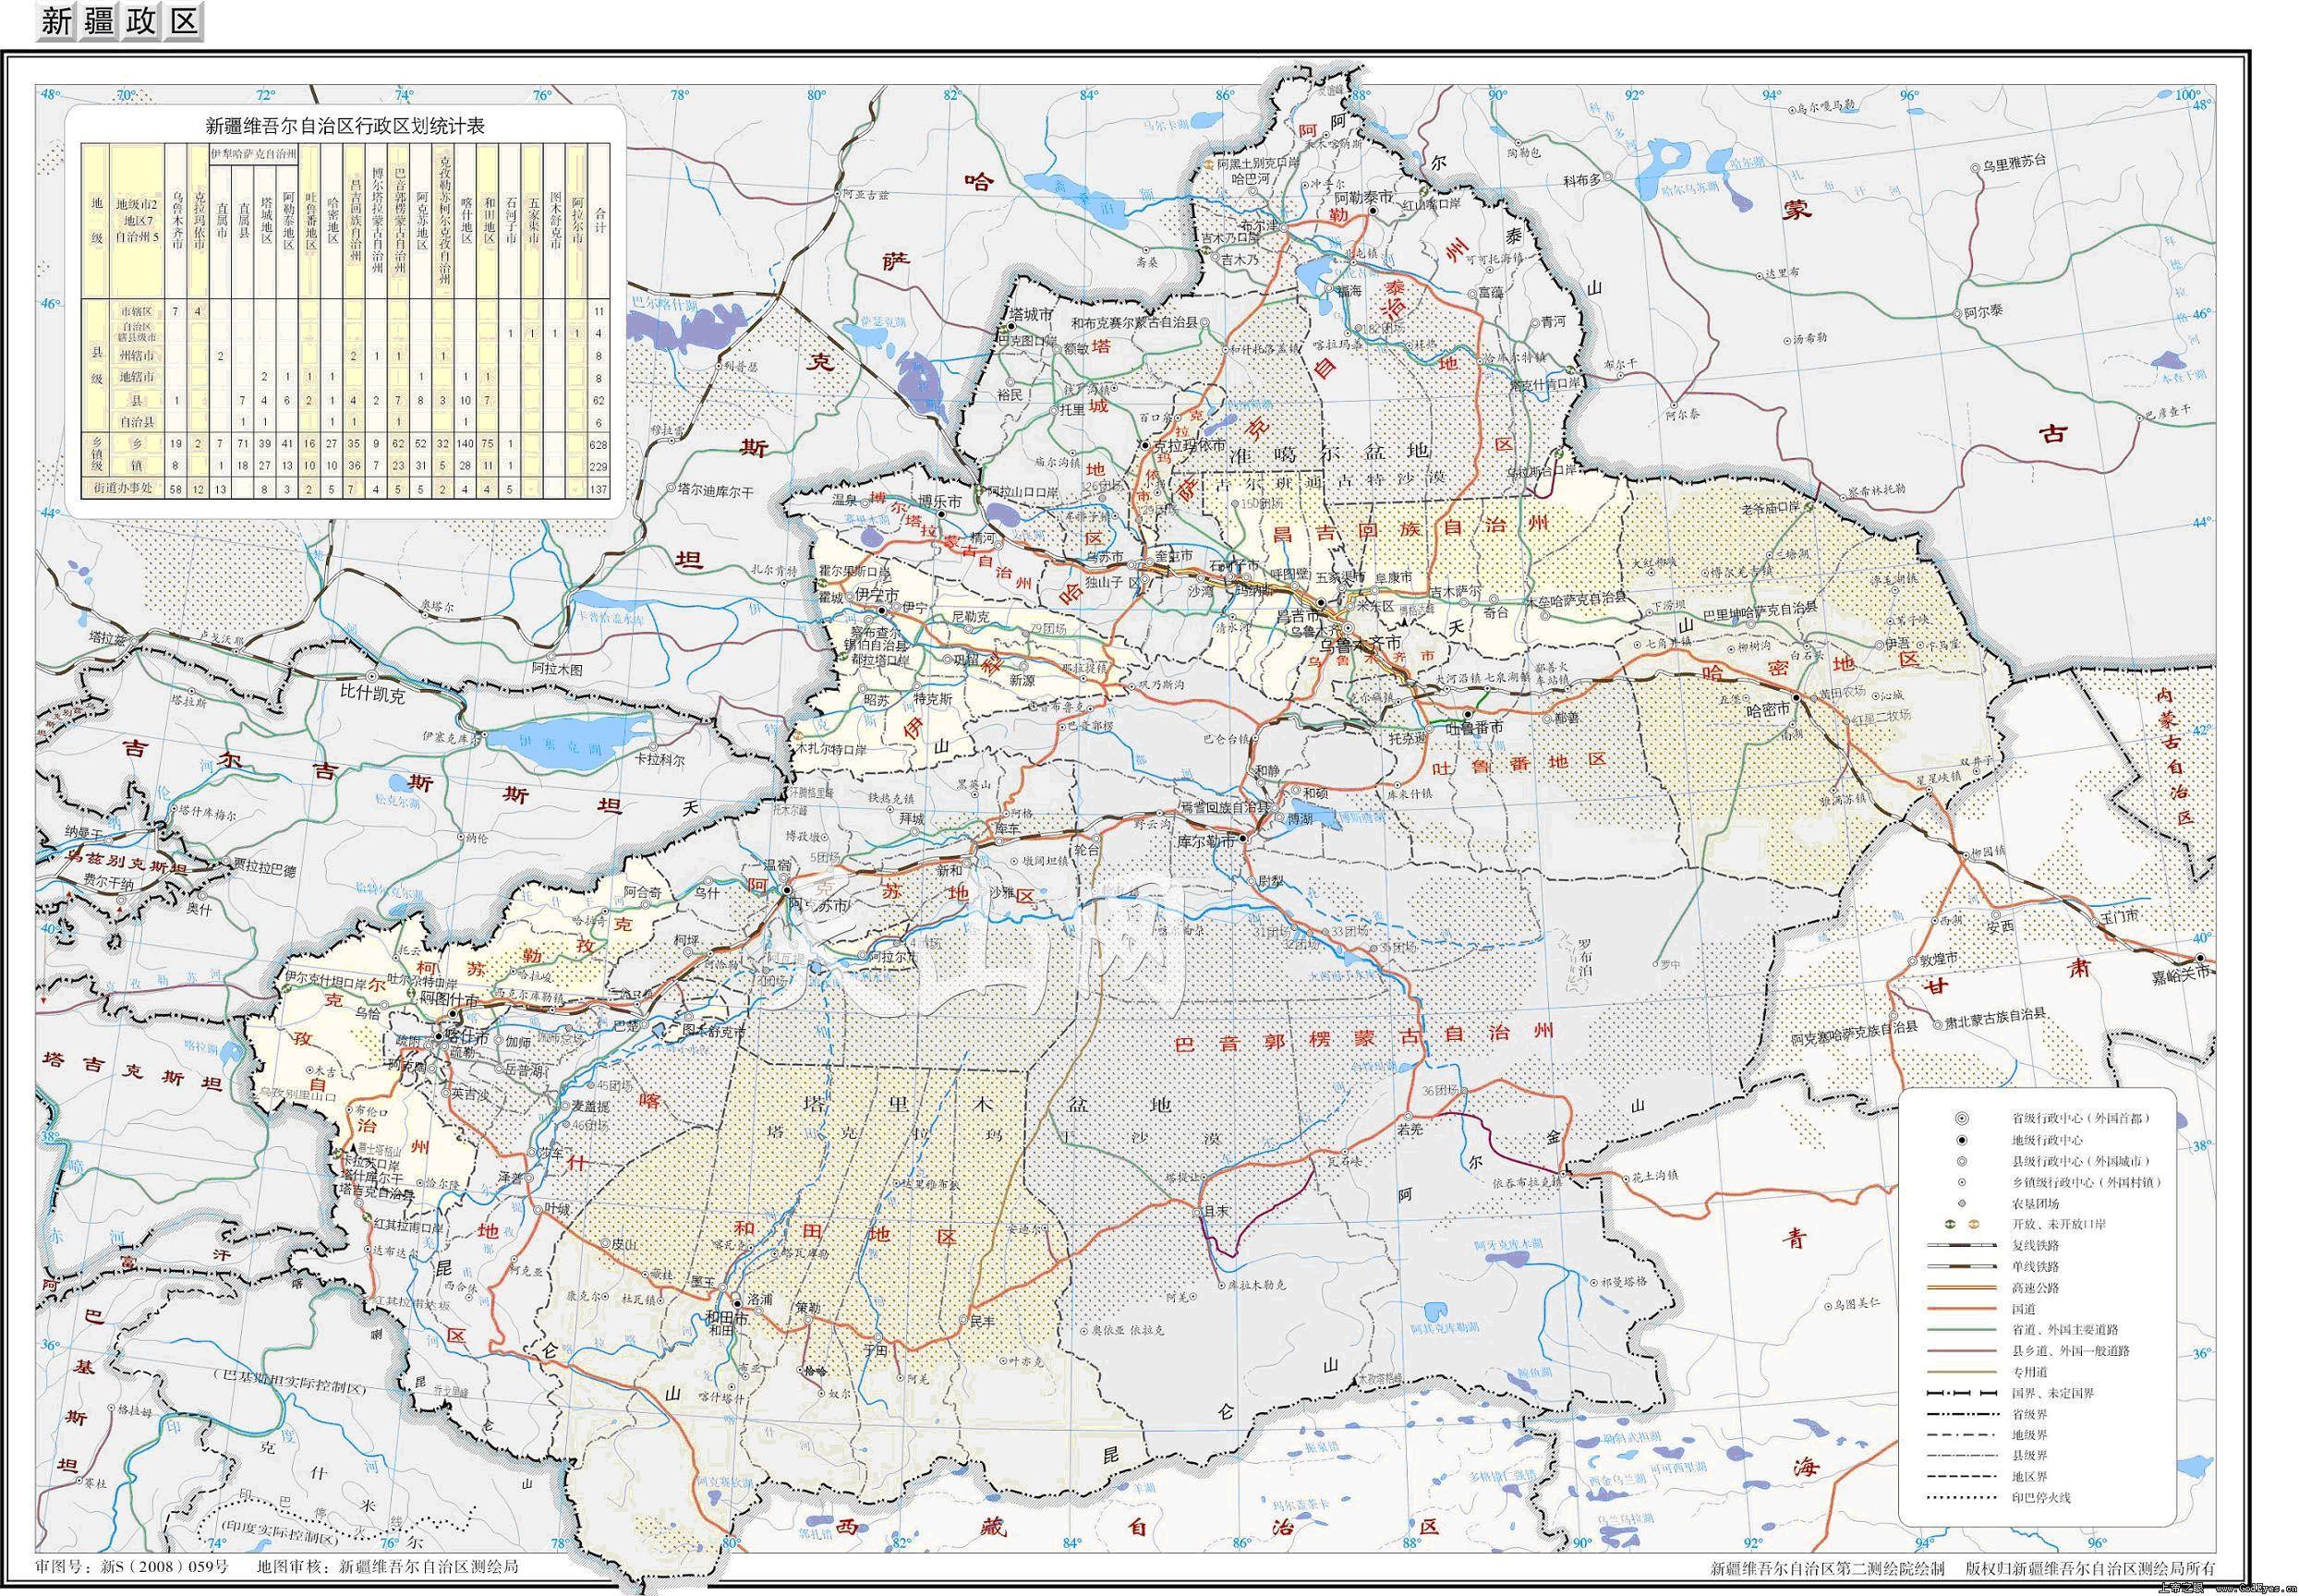 新疆政区地图 高清